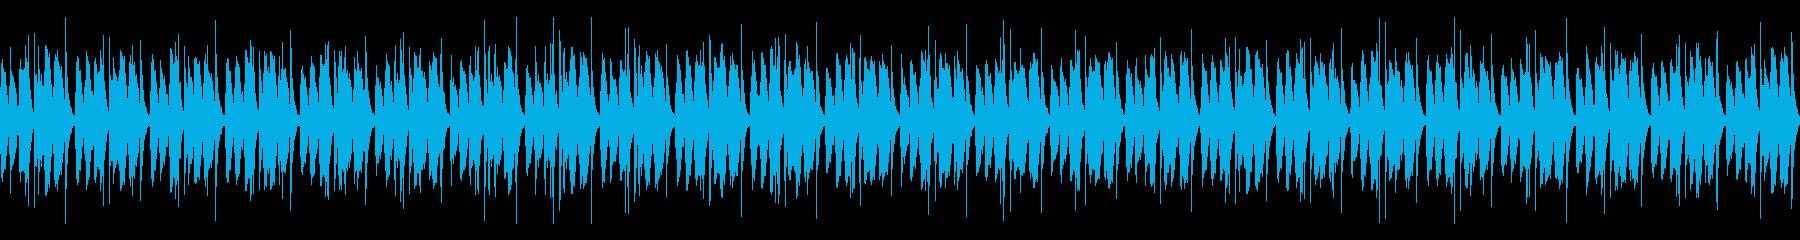 [和太鼓二重奏]盆踊りの大太鼓03の再生済みの波形